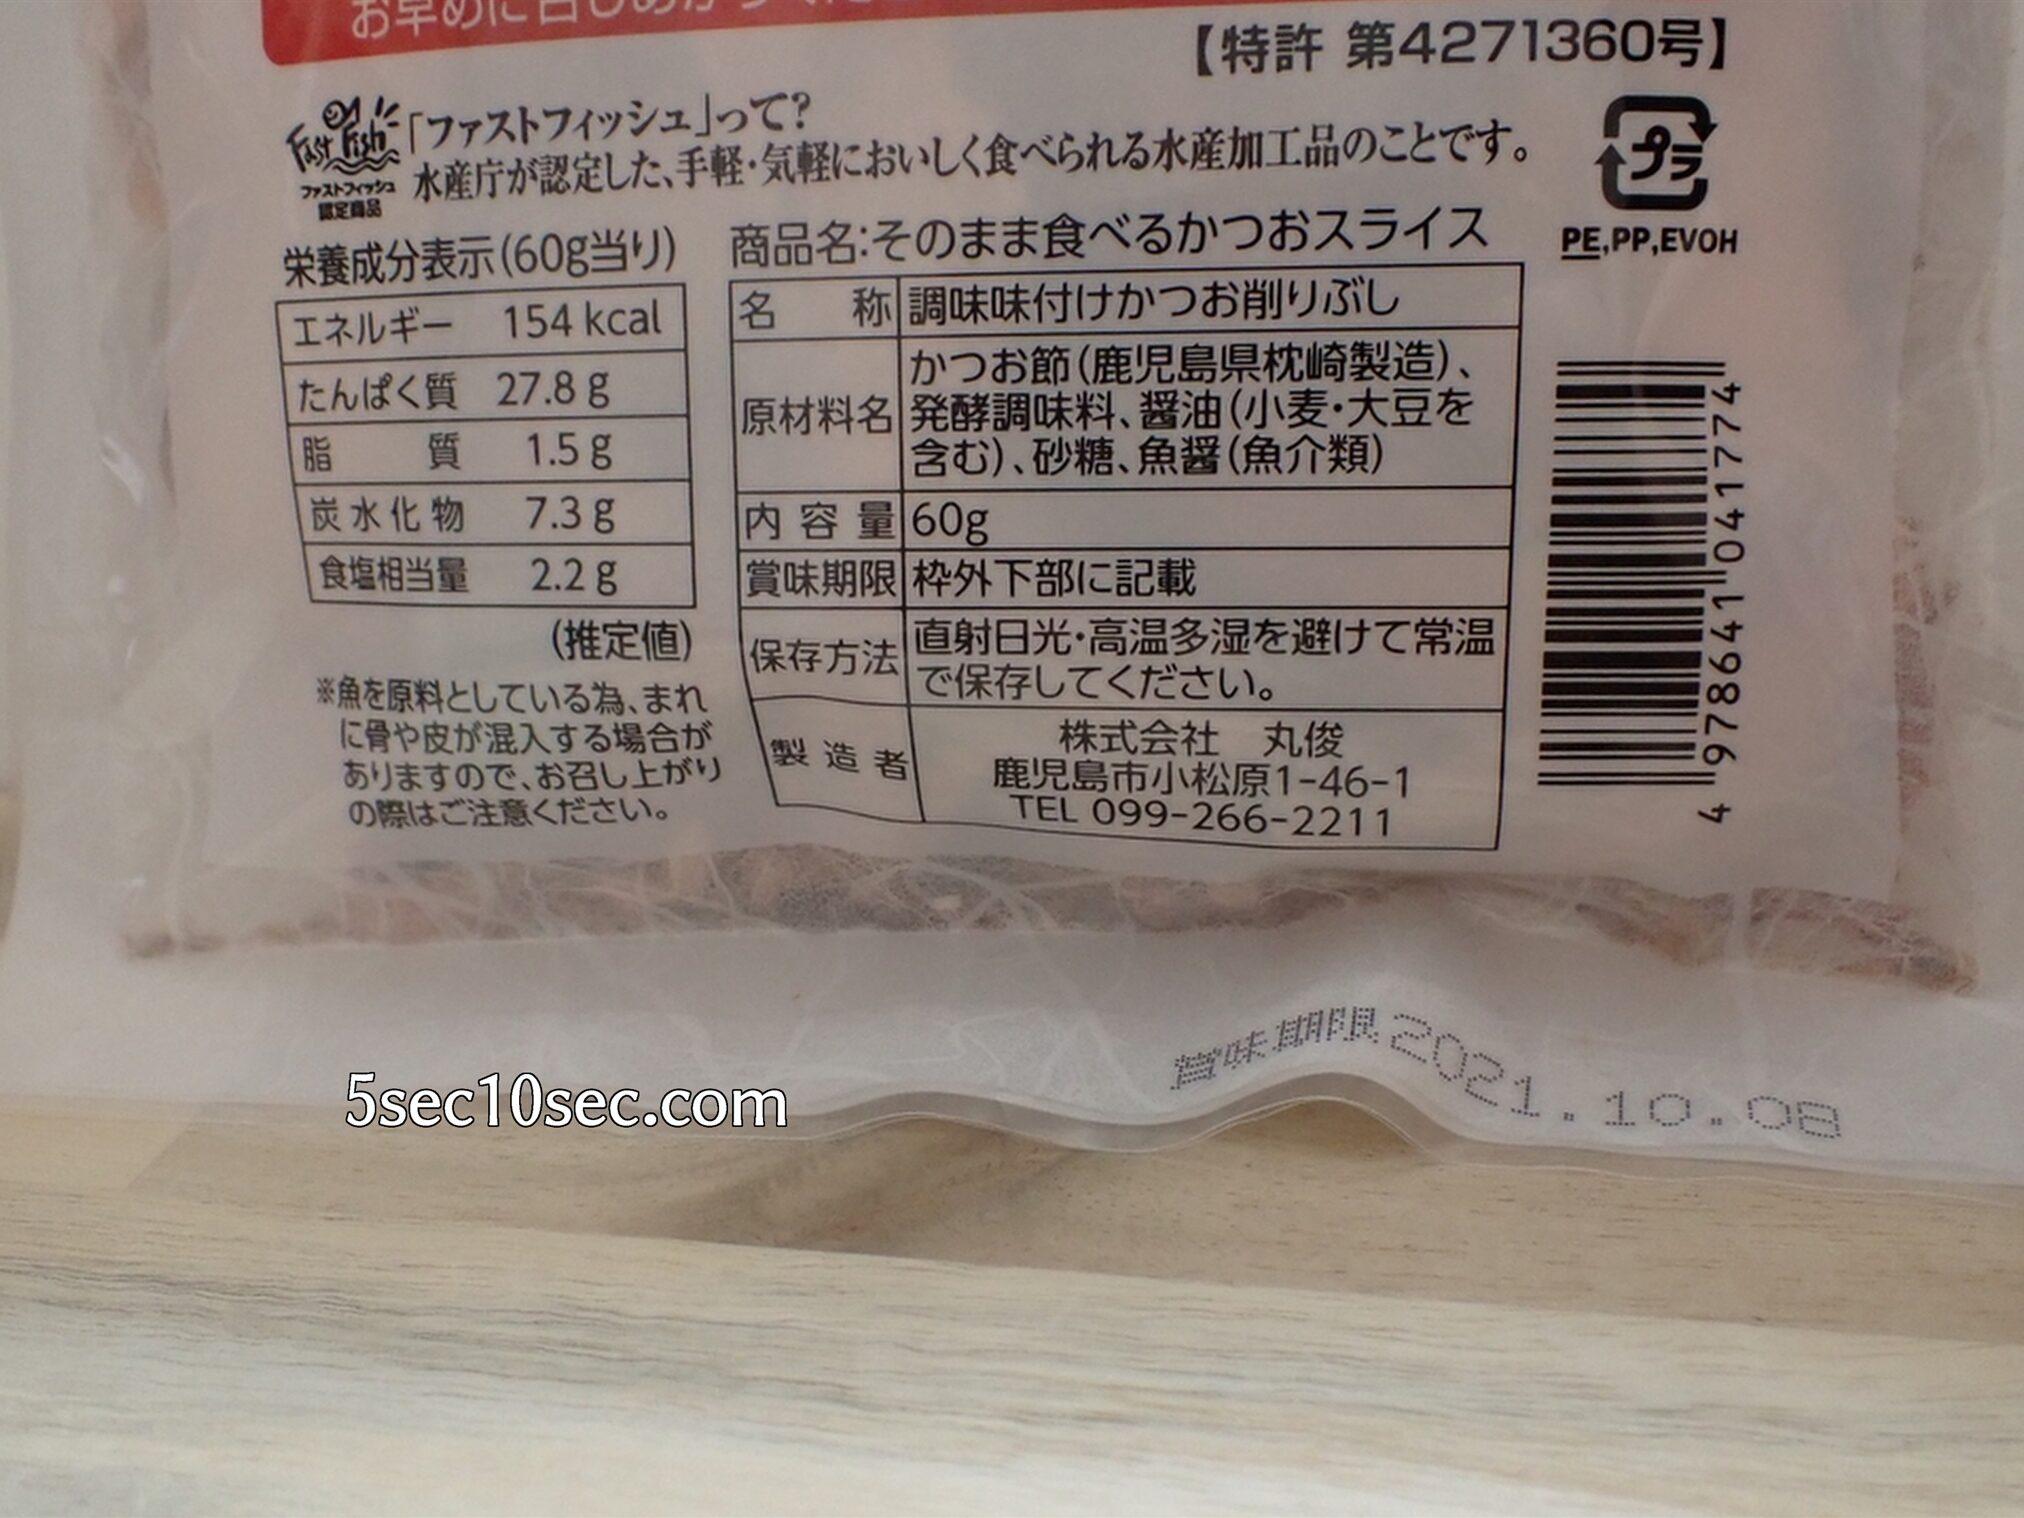 丸俊 まるとし そのまま食べるかつおスライス 栄養成分表示、原材料名